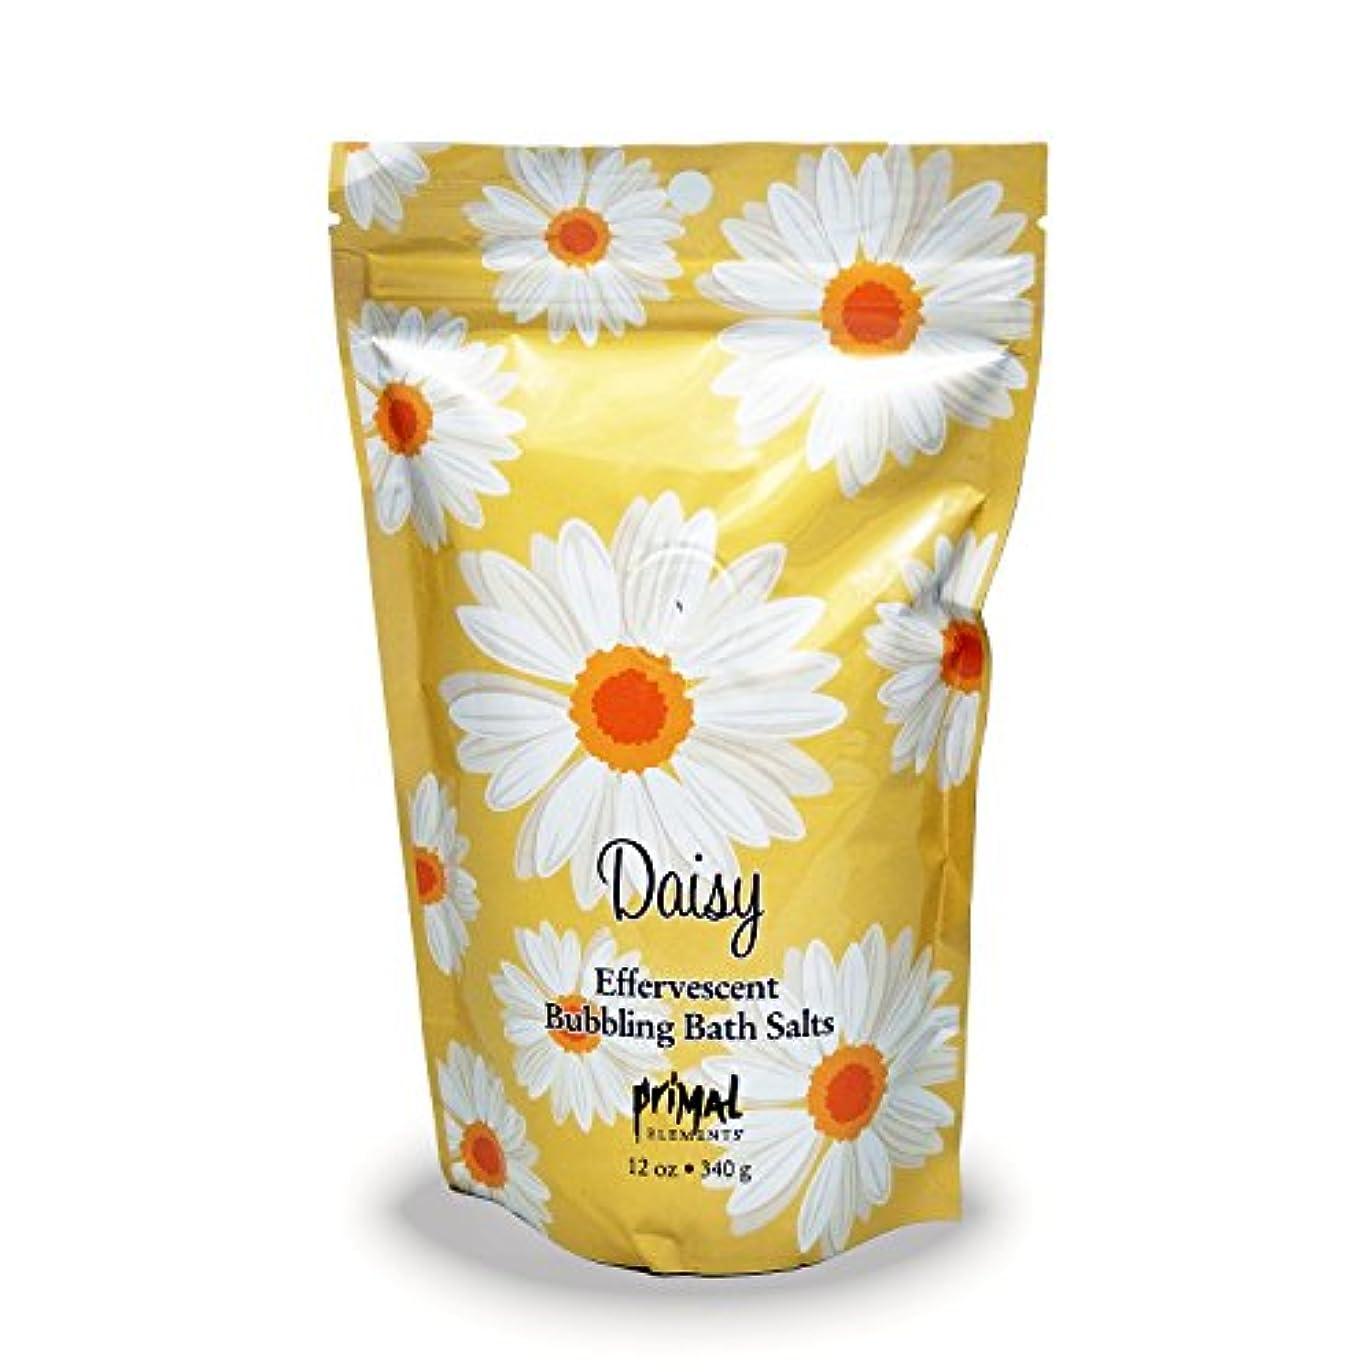 不器用机スプーンプライモールエレメンツ バブリング バスソルト/デイジー 340g エプソムソルト含有 アロマの香りがひろがる泡立つ入浴剤